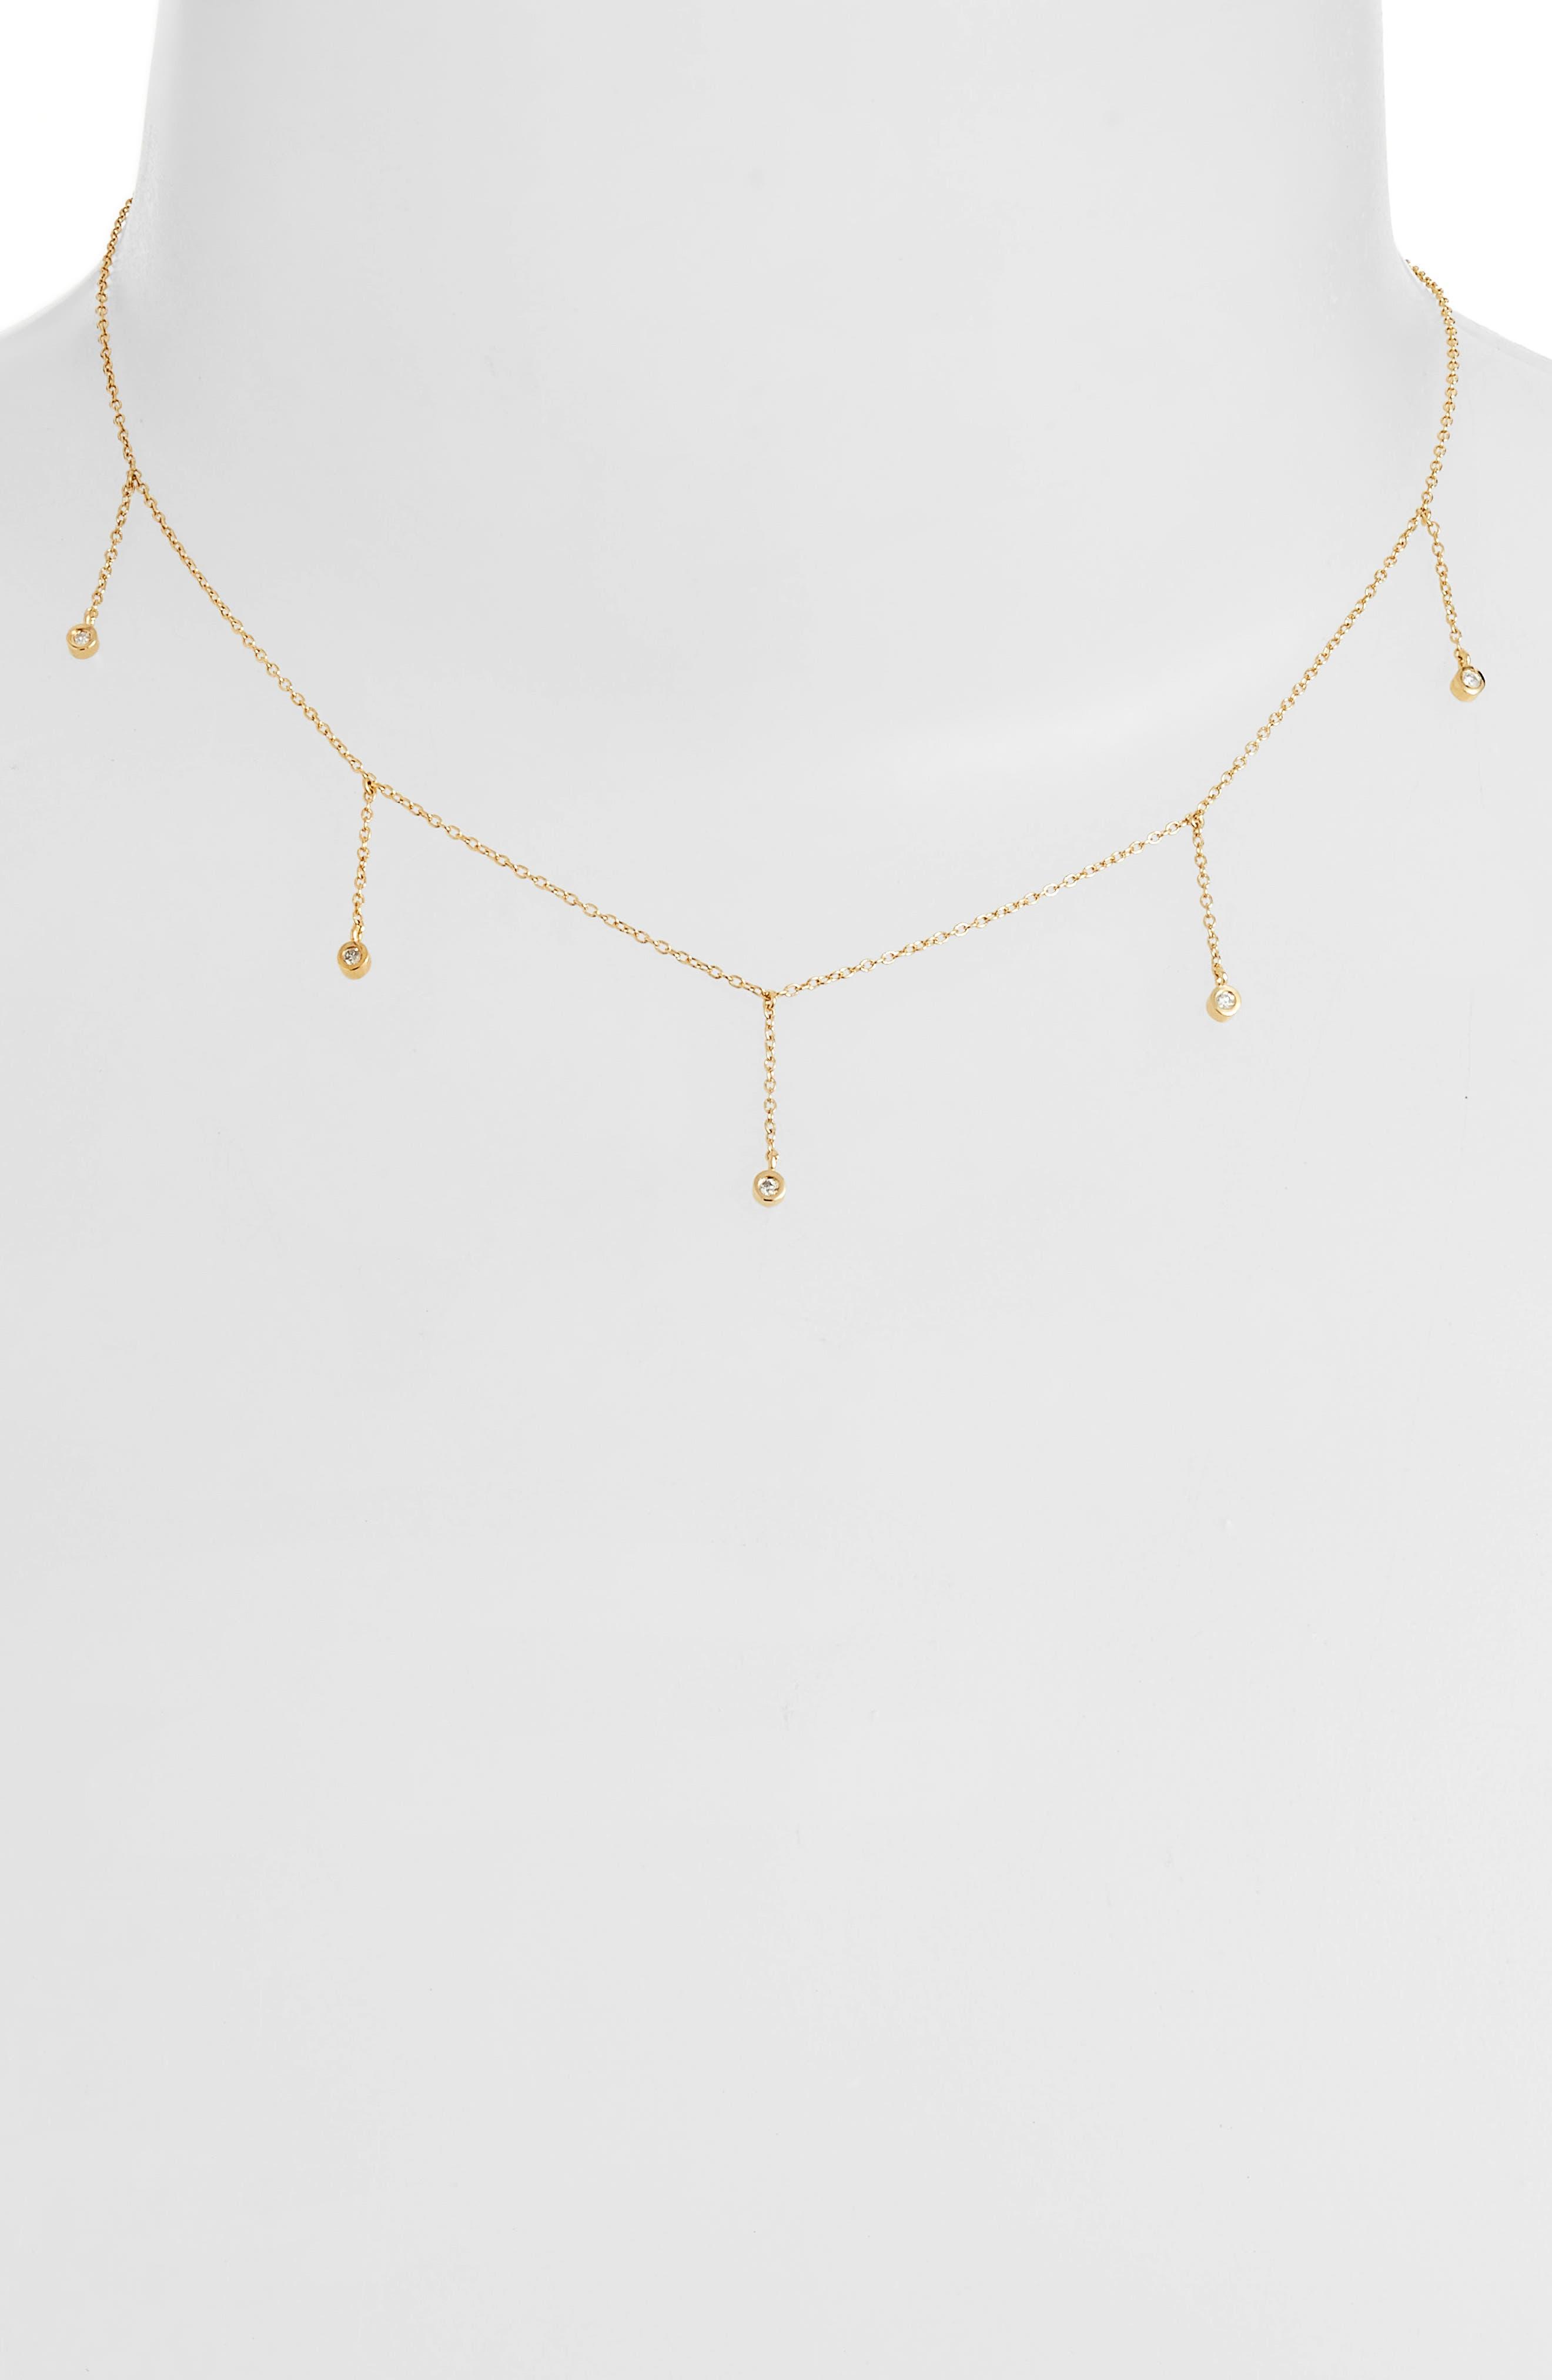 Colette Choker Necklace,                             Main thumbnail 1, color,                             Yellow Vermeil